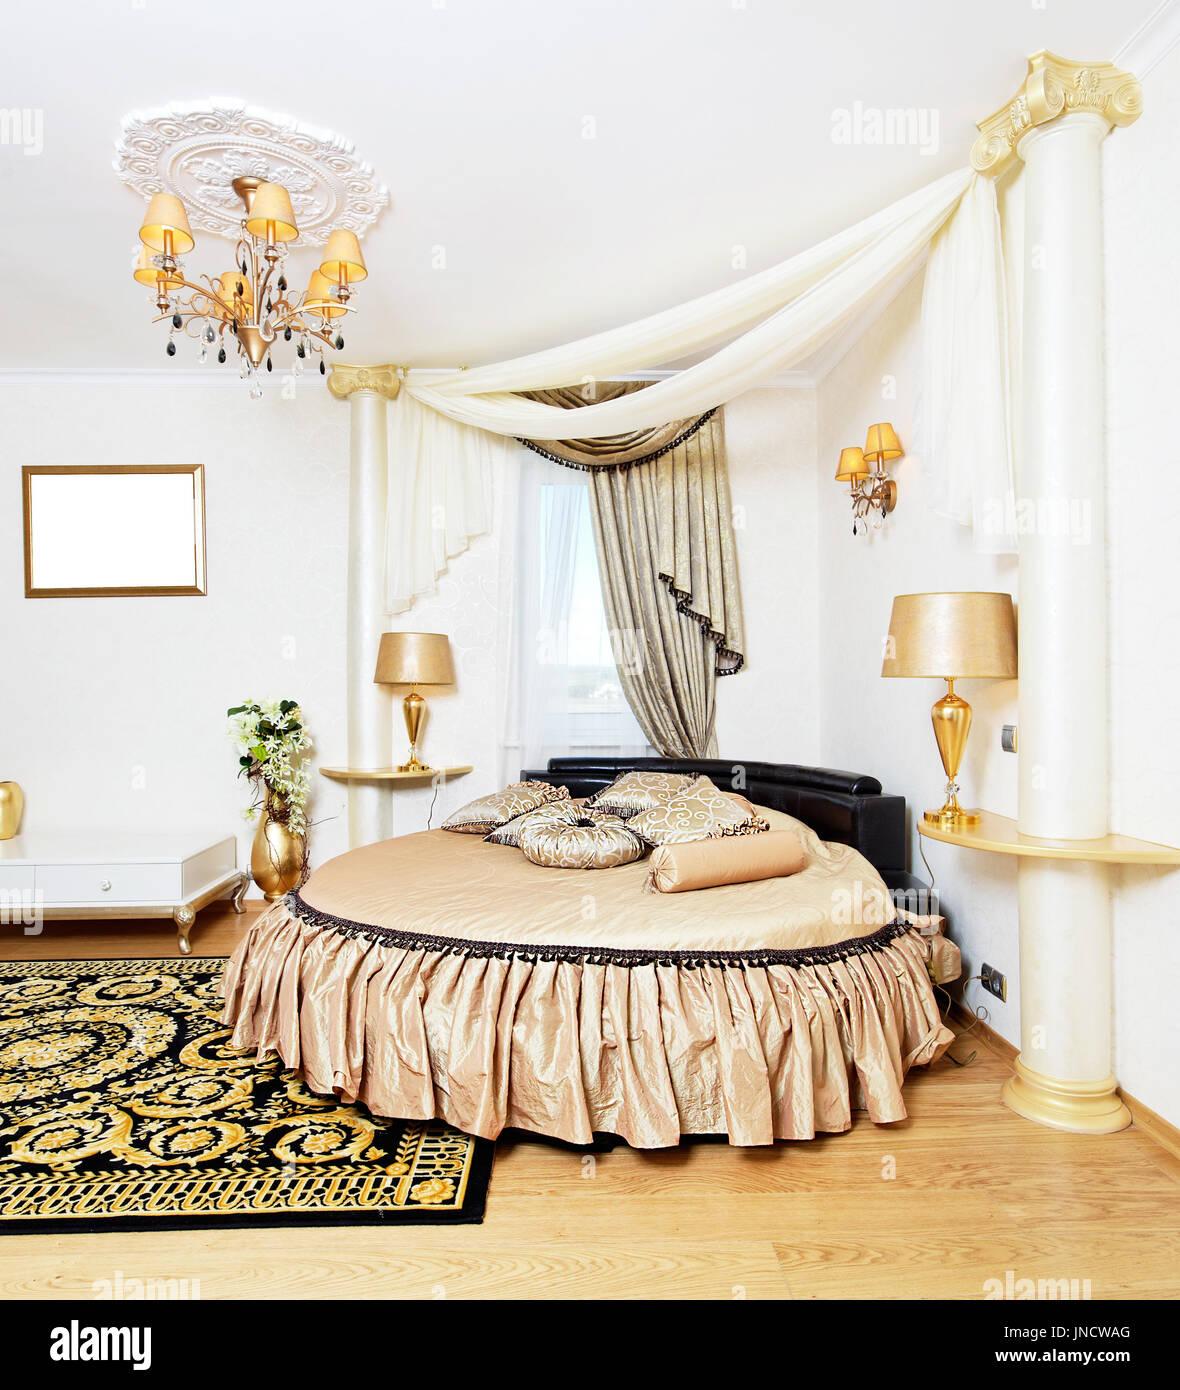 Cassical Goldene Schlafzimmer Innenraum Mit Rundbett Stockfoto Bild